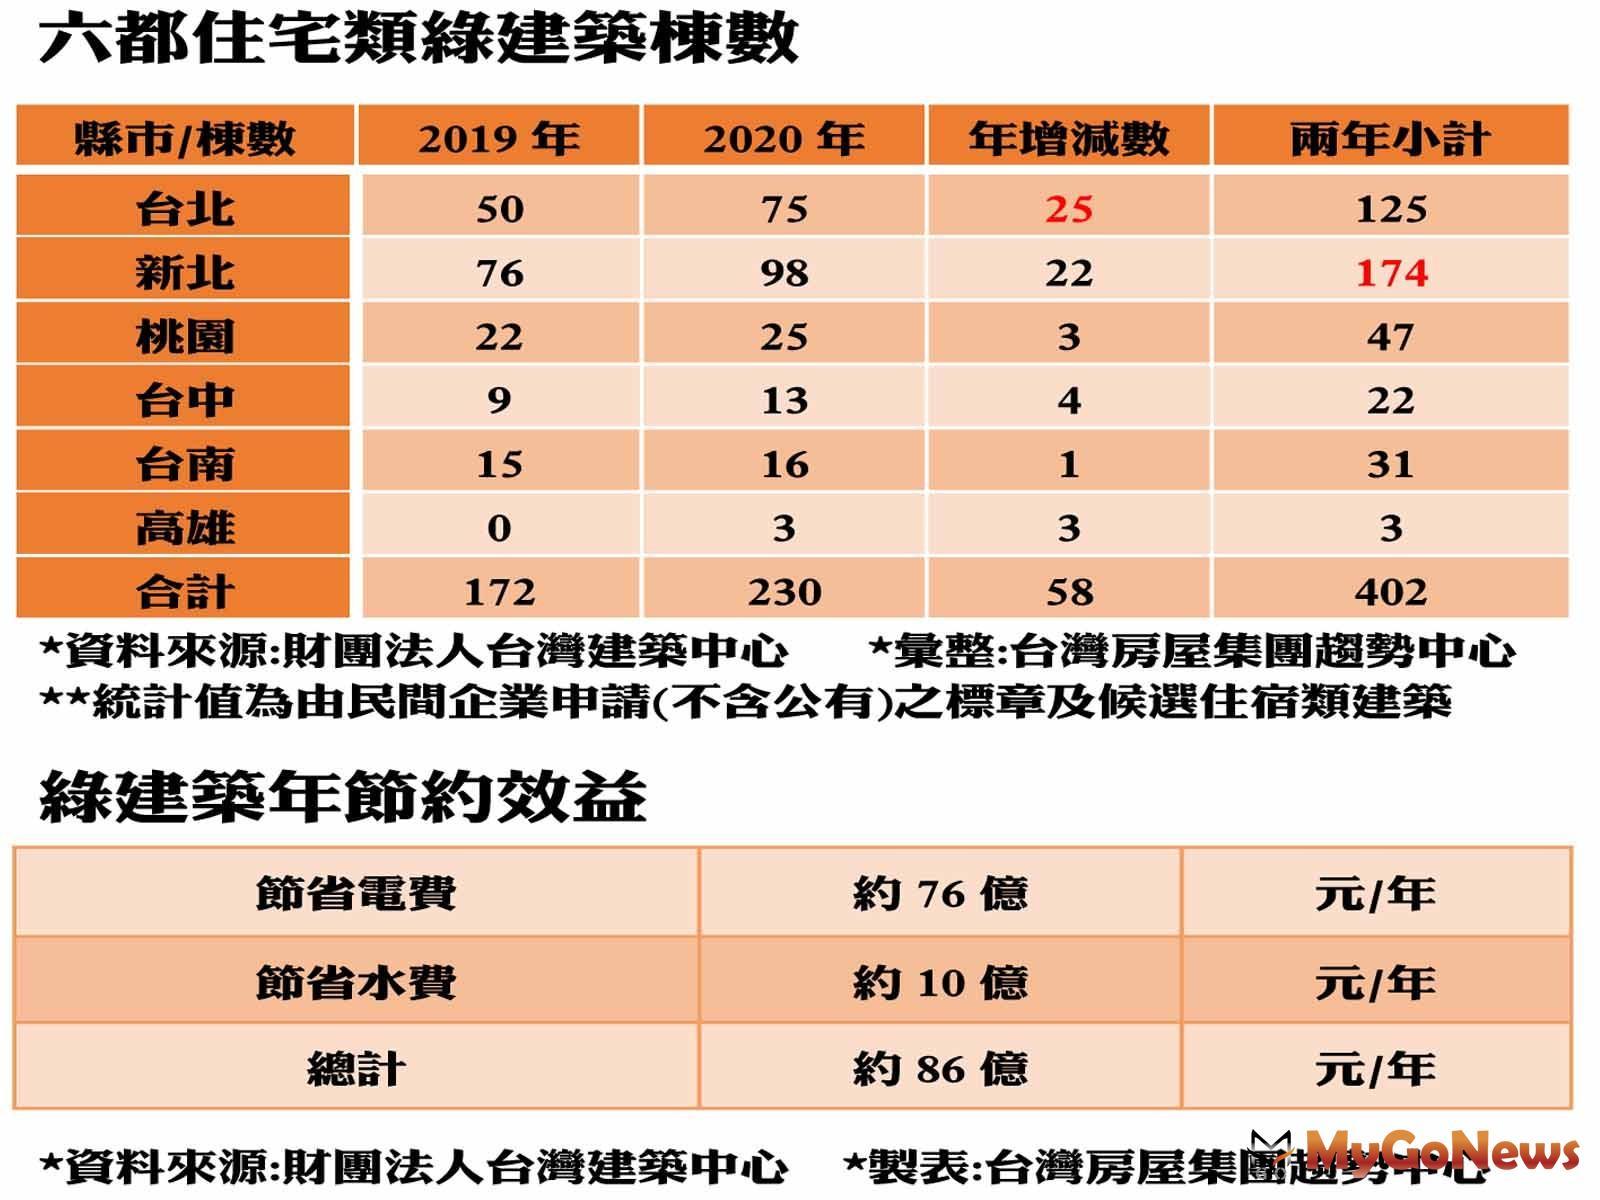 綠建築年增3成,年省水電費可買22戶帝寶! MyGoNews房地產新聞 市場快訊